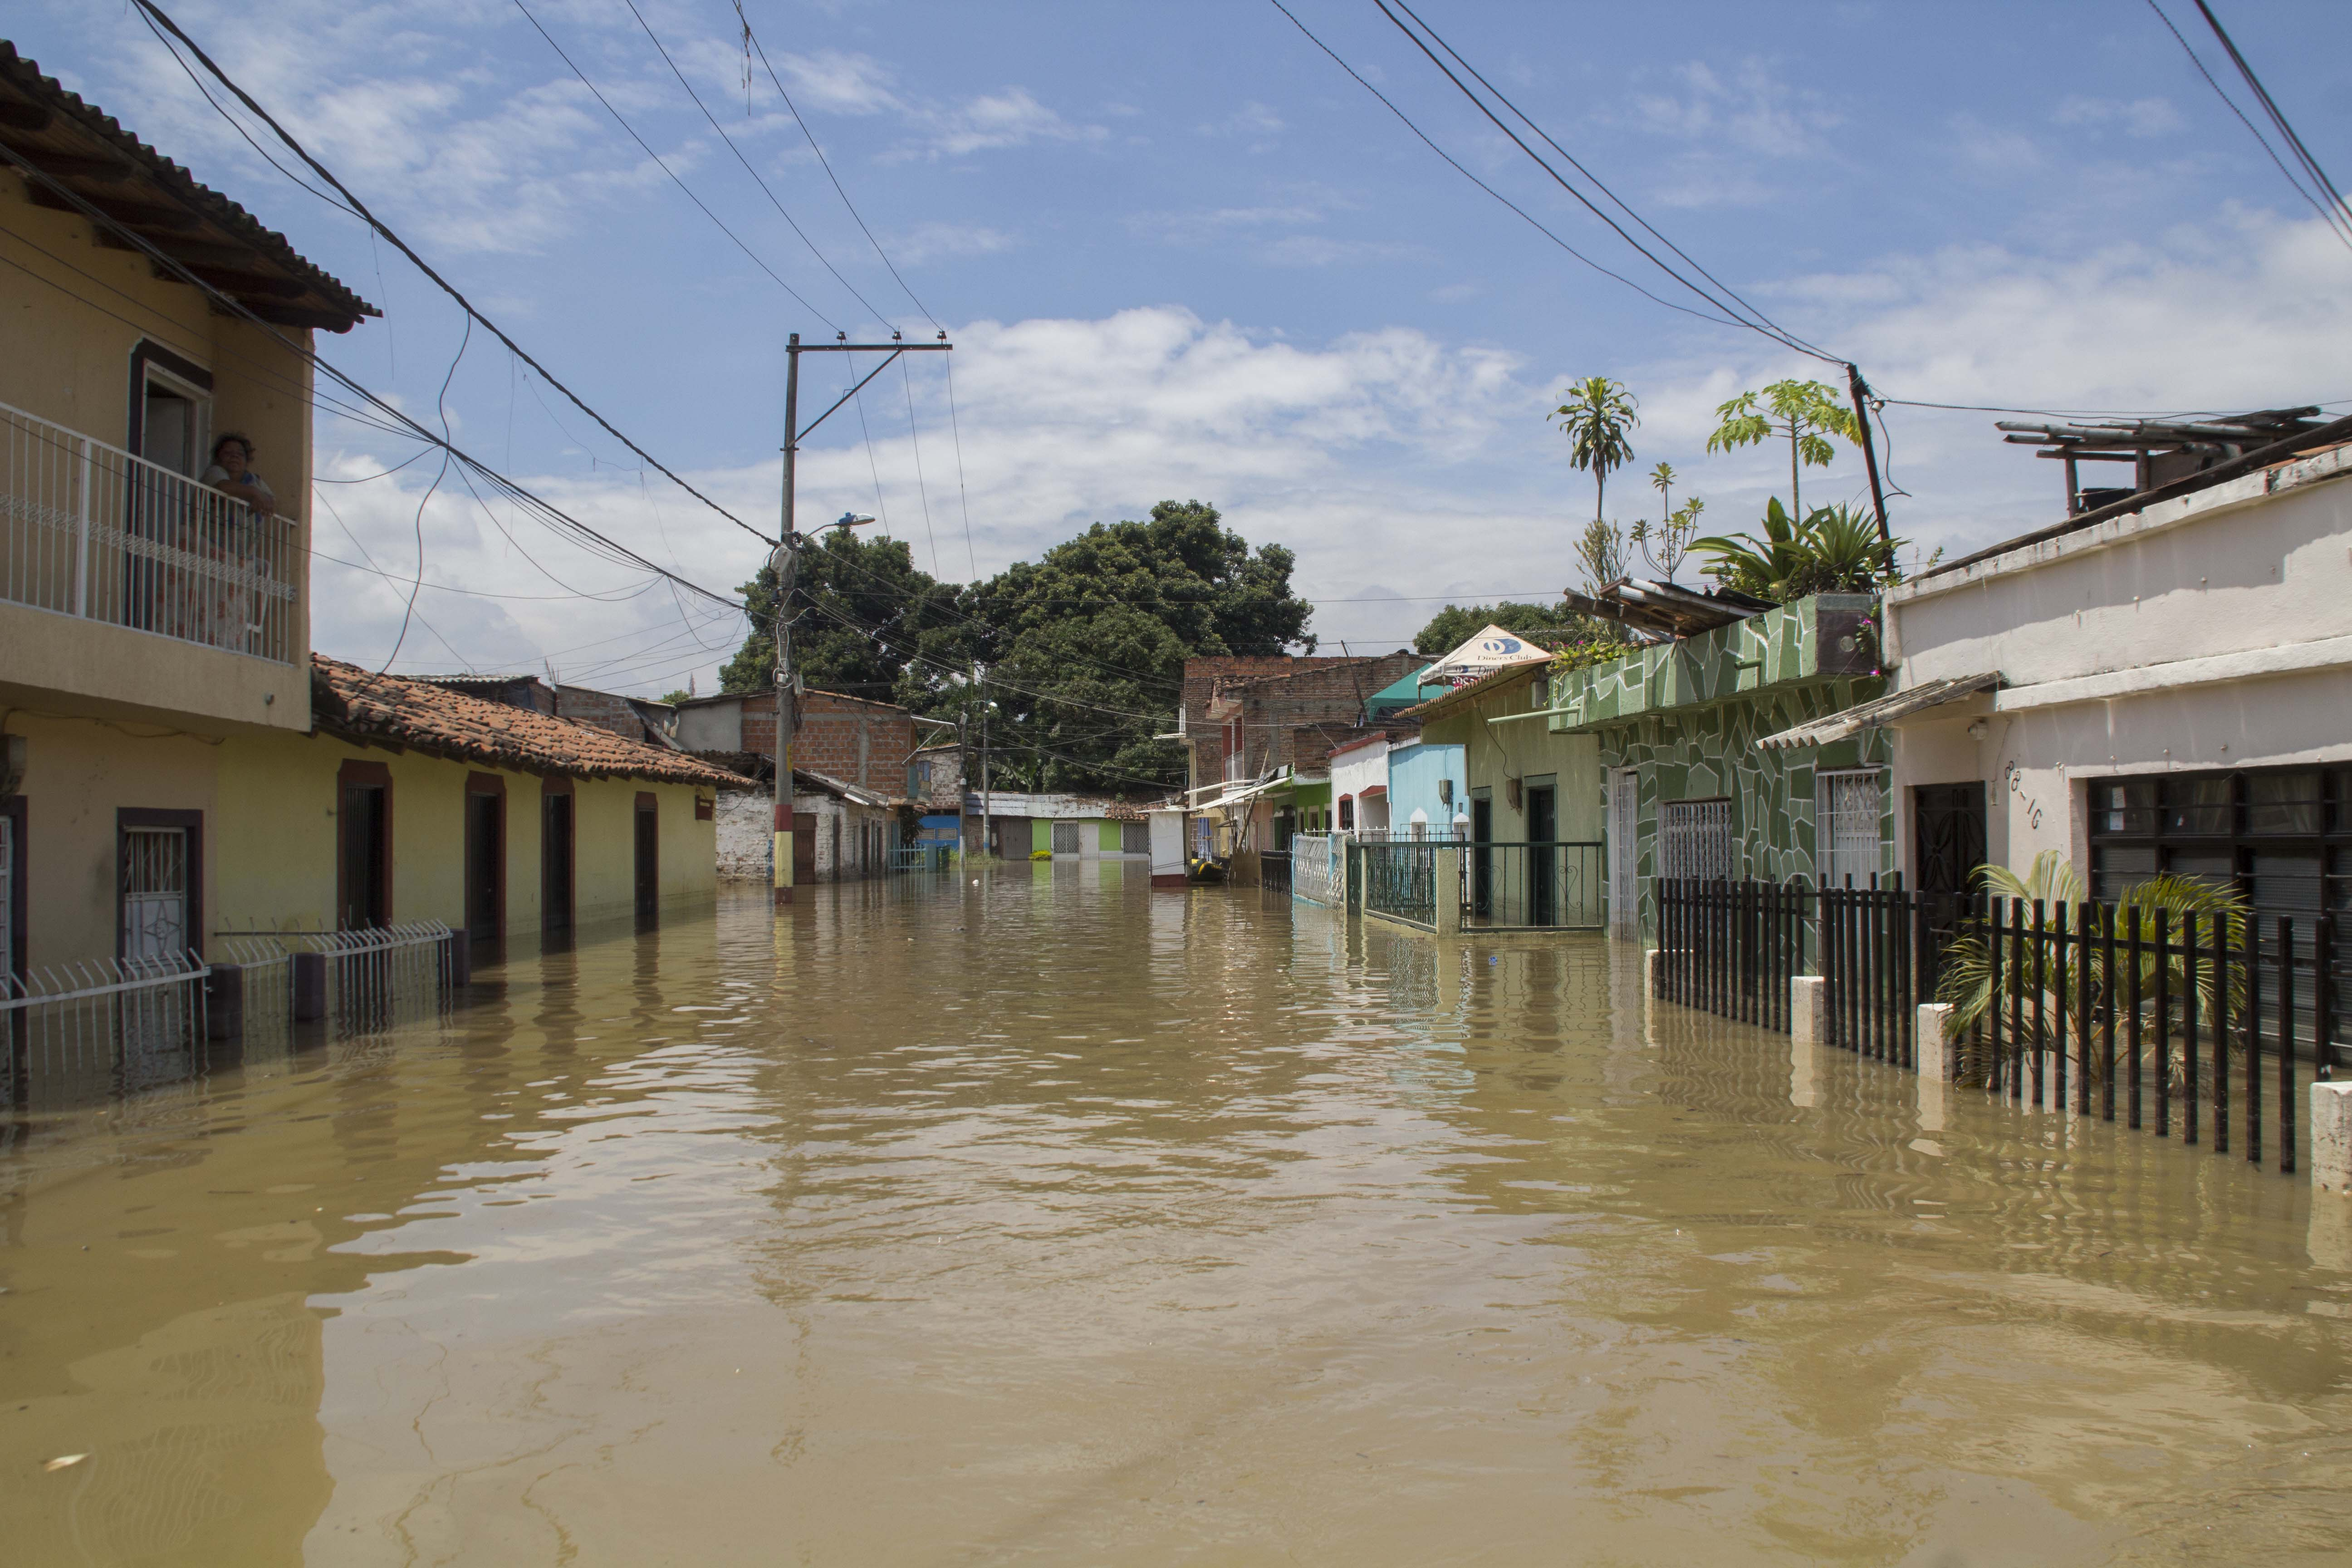 Inundacion rio cauca puerto nuevo 135